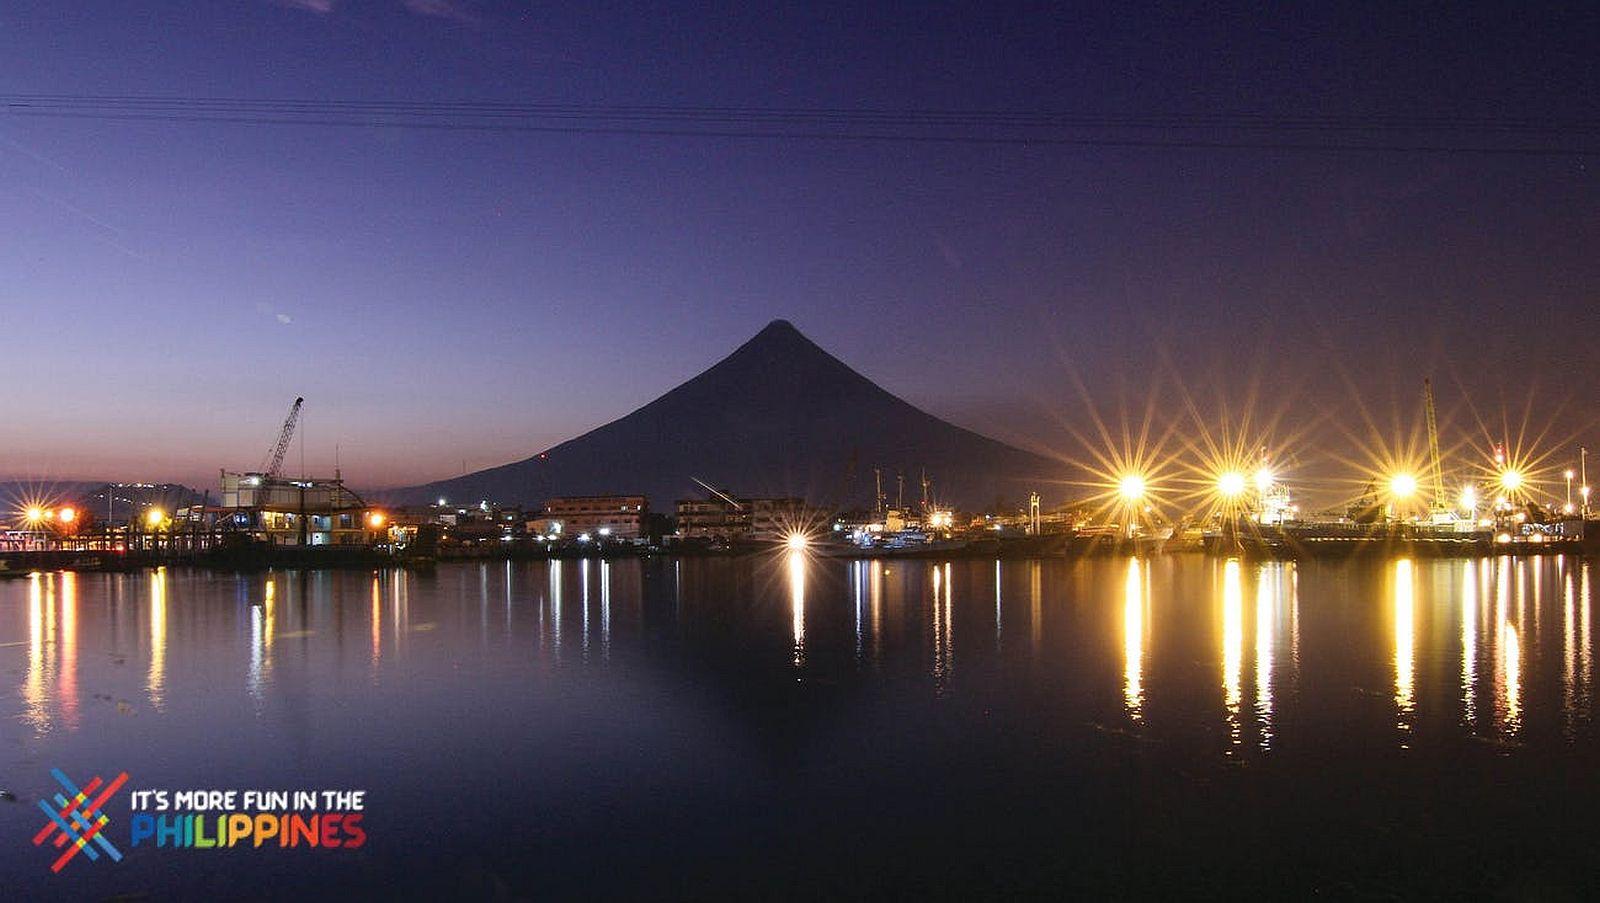 PHILIPPINEN REISEN - ORTE - SOUTHERN LUZON - ALBAY - Touristische Beschreibung für die Stadt Legazpi